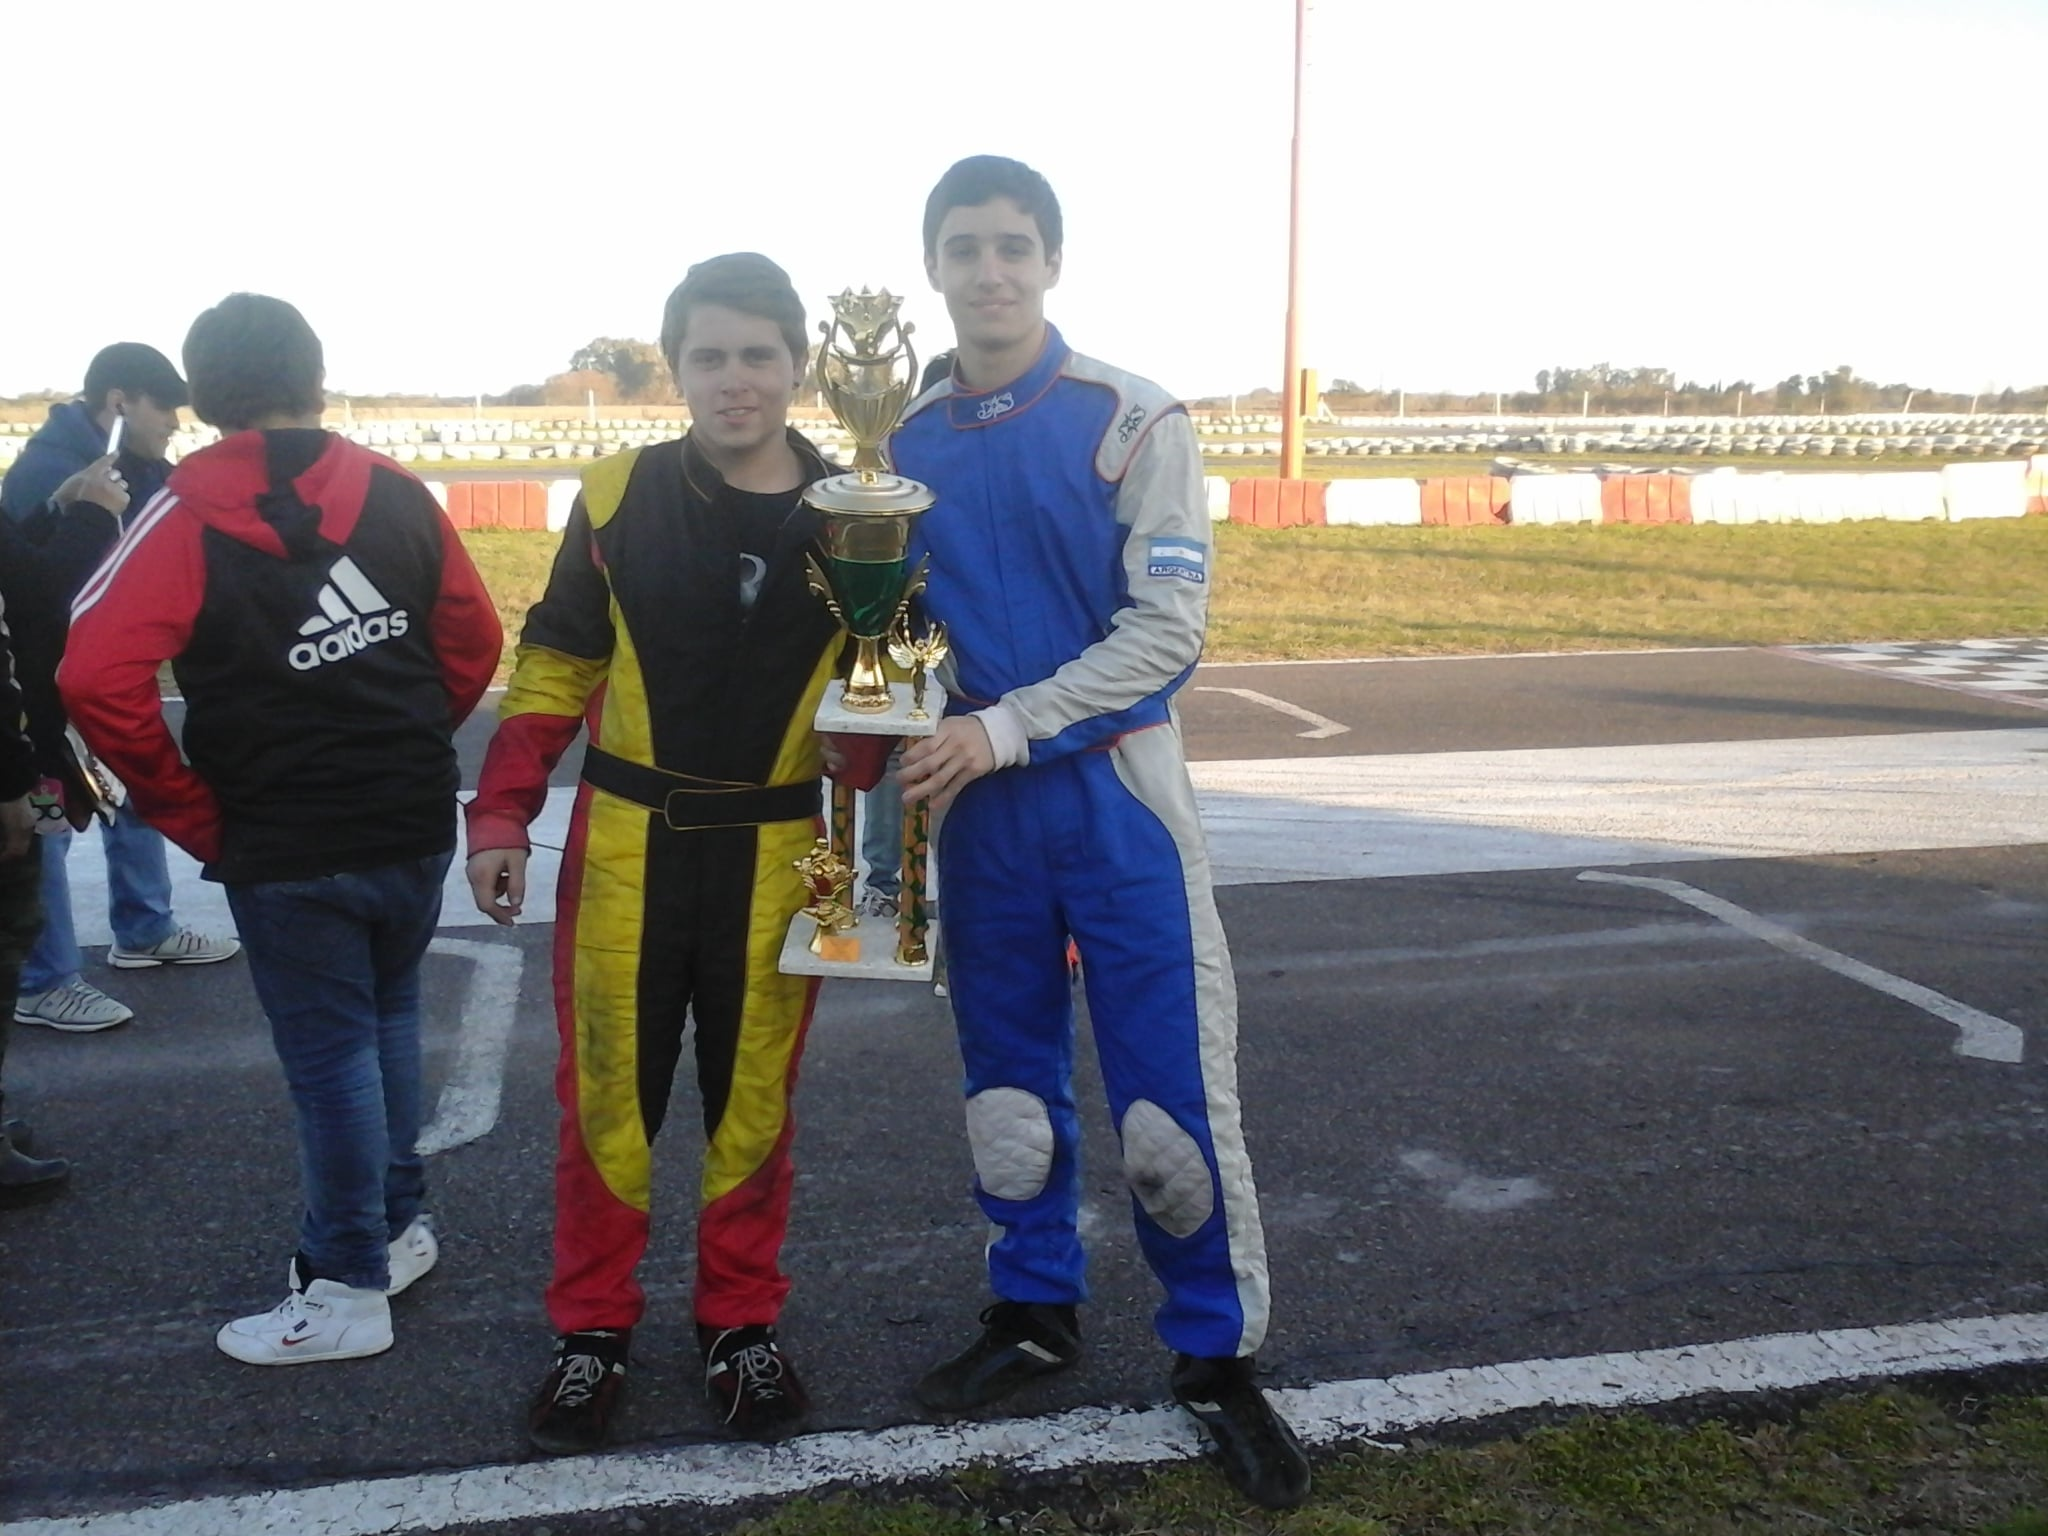 Lucas Monroy - Nicolas Martin carrera con invitados